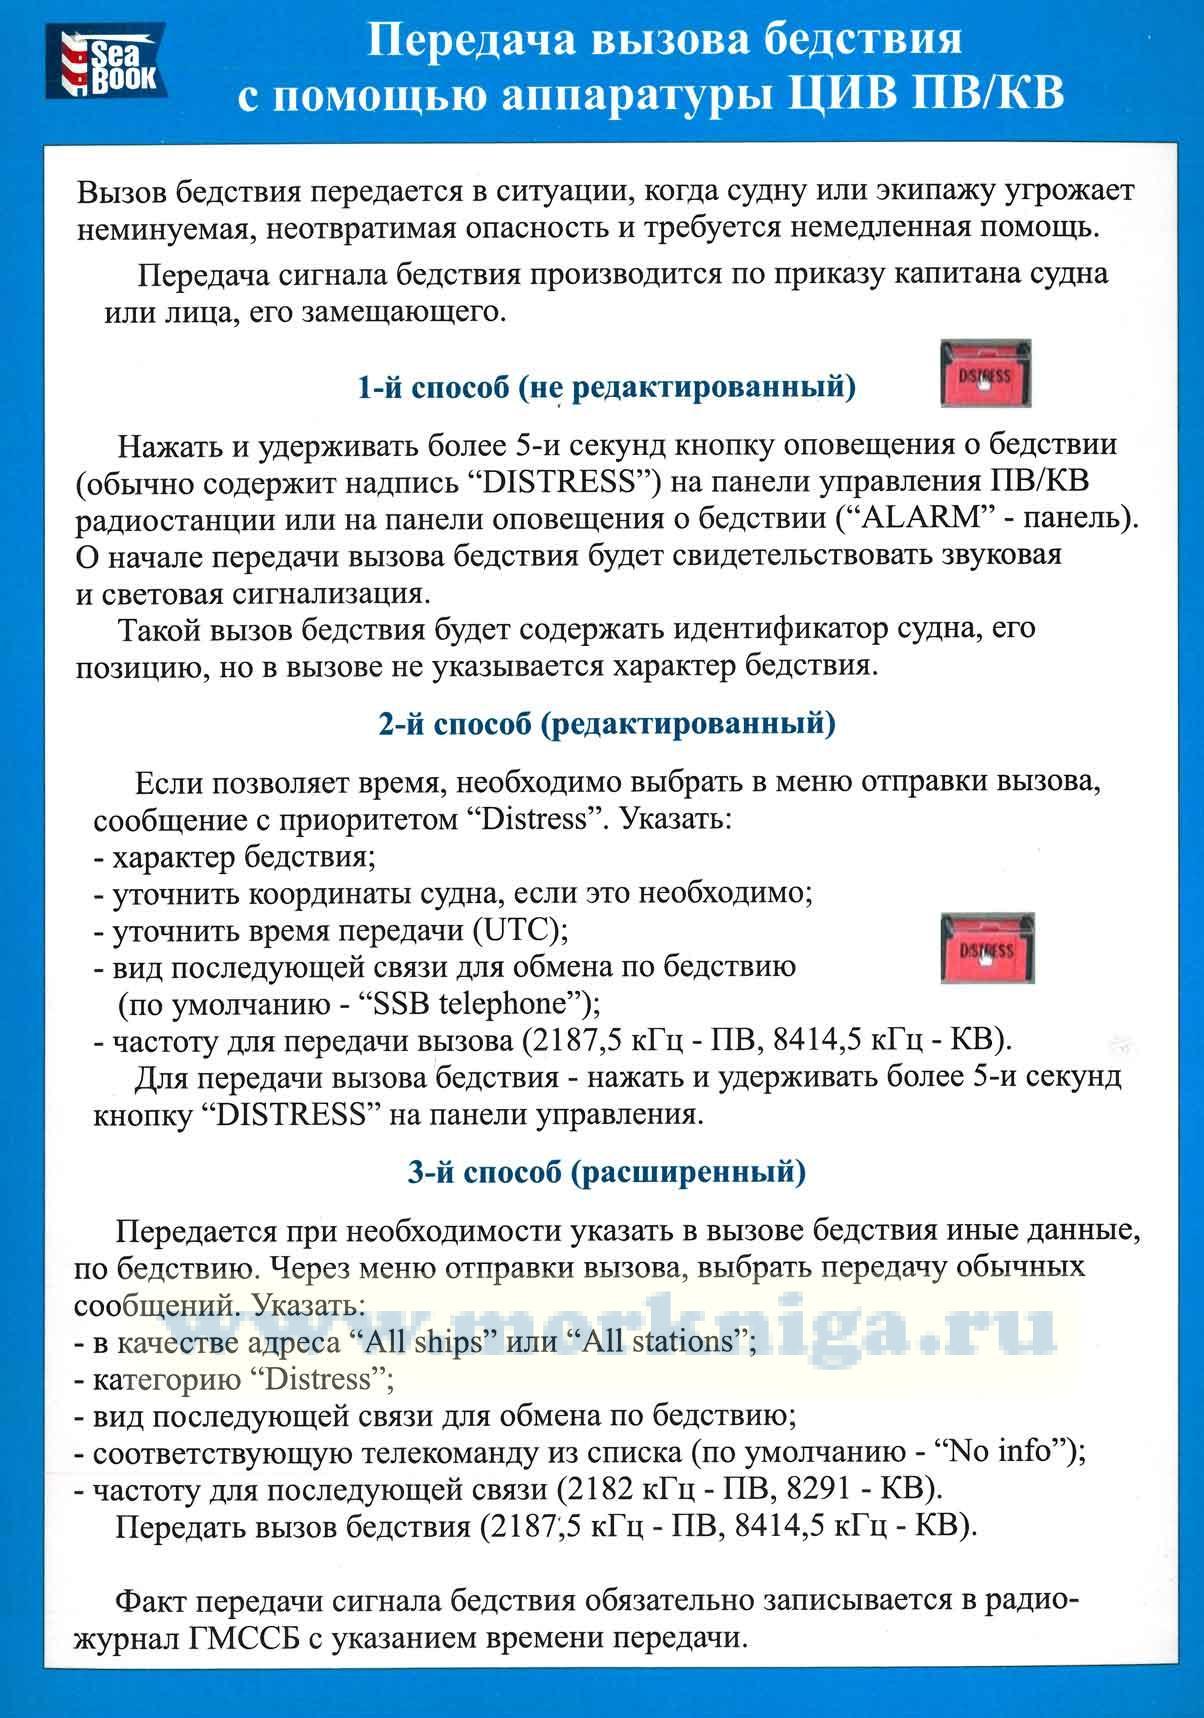 Карточки по процедурам ГМССБ